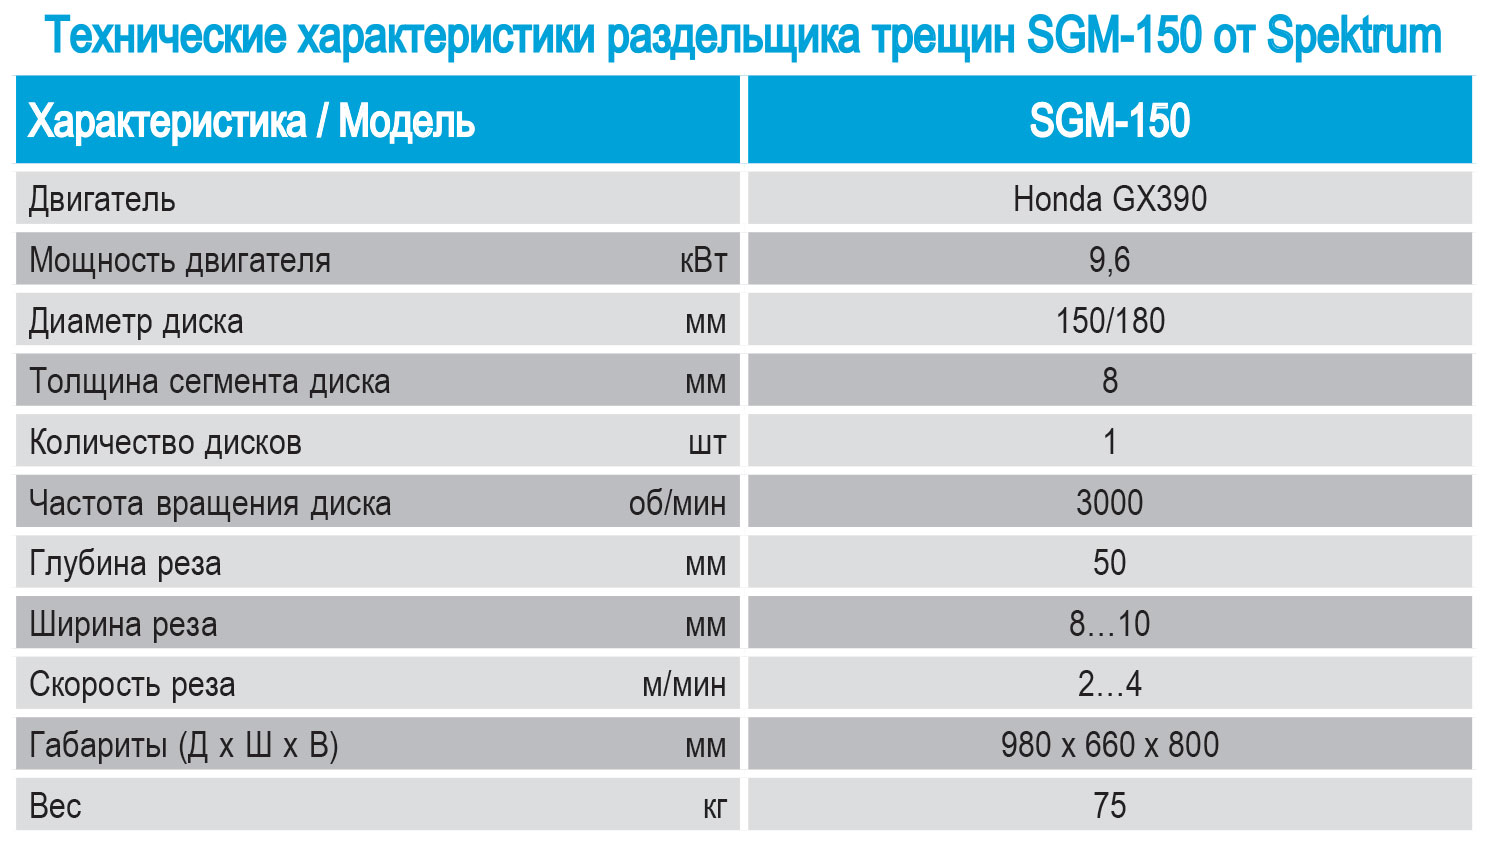 Razdelshchik treshchin  SGM 150 tekhnicheskije kharakteristiki v  Spektrum